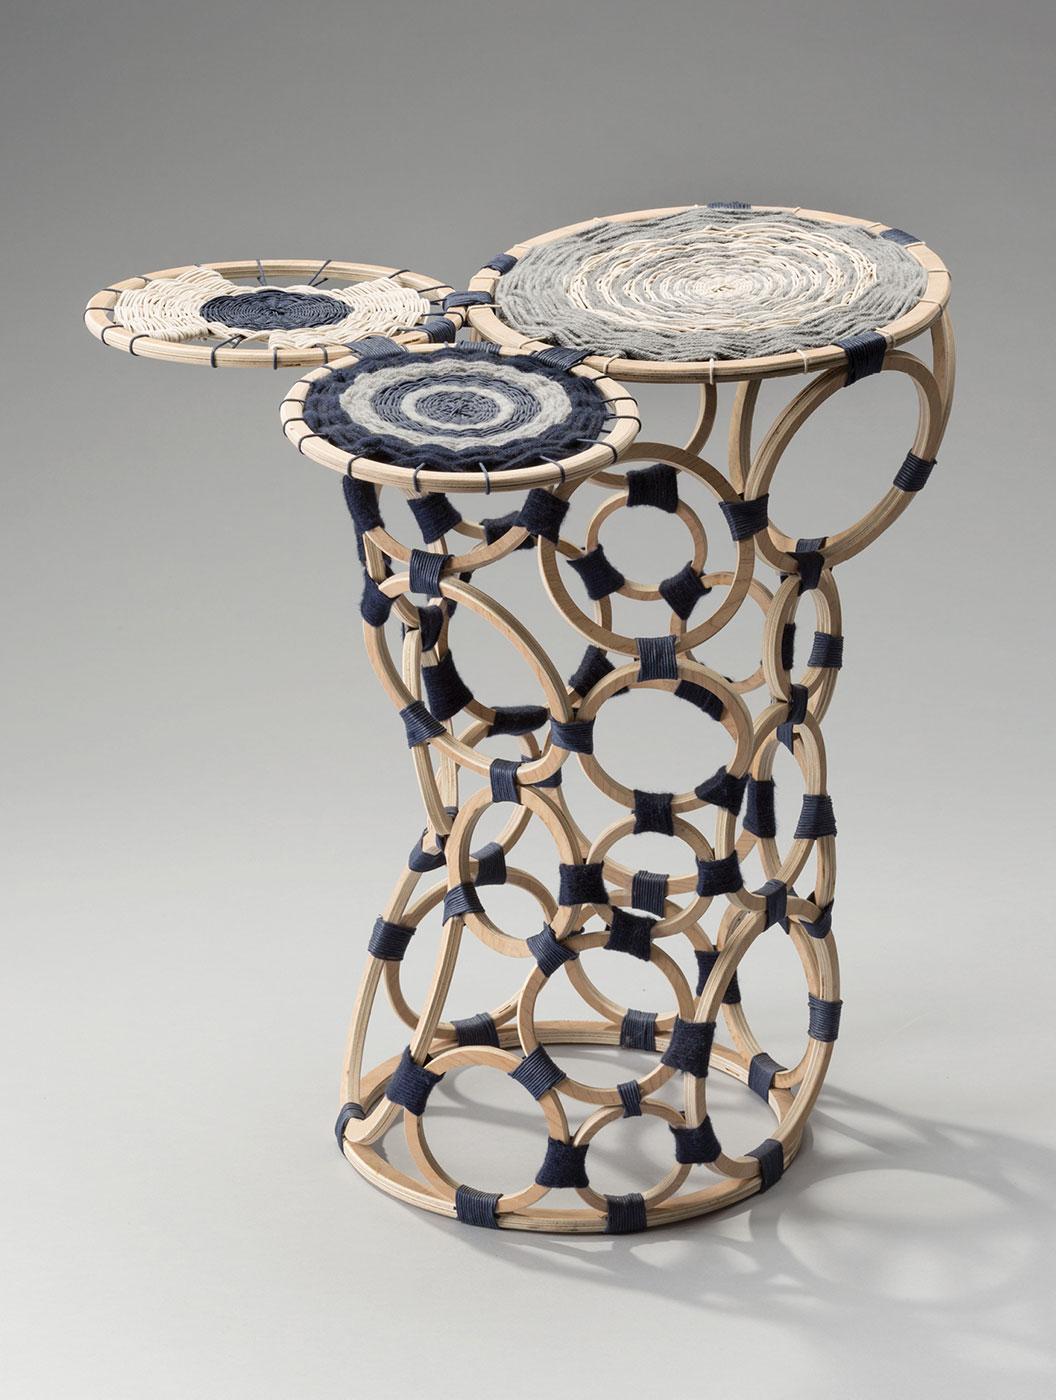 Lu Liu - Woven Table